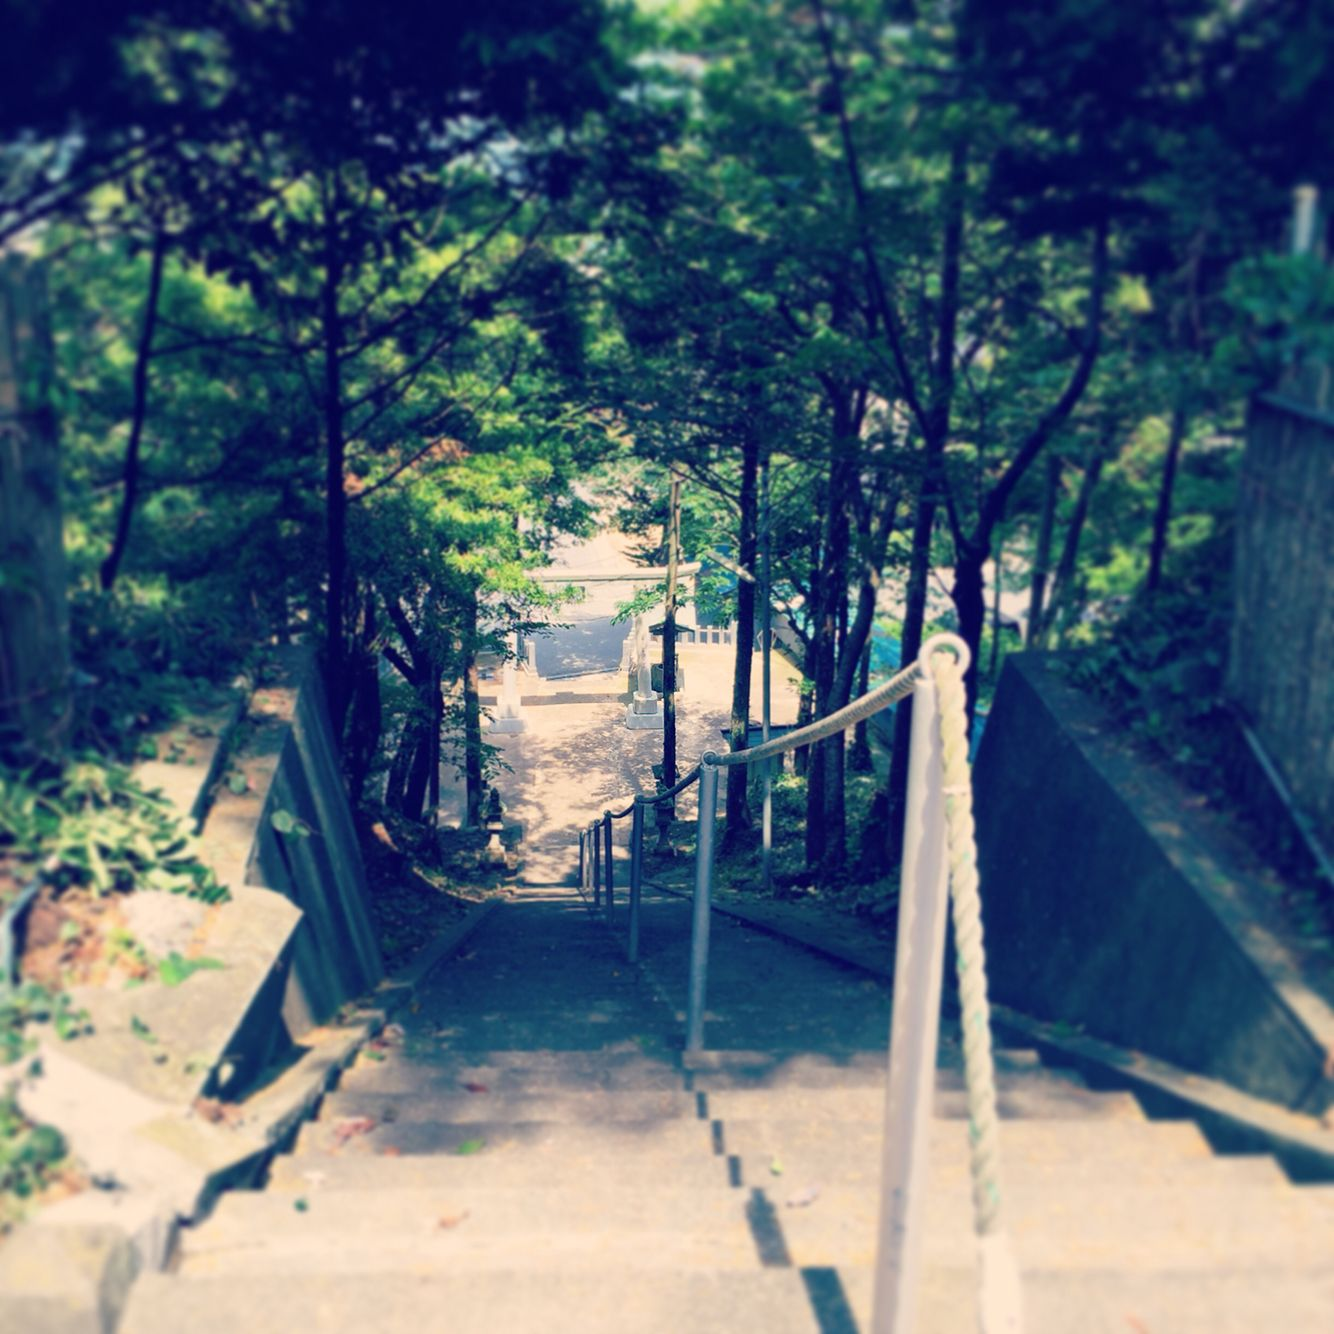 夏木立、神社 | 幻想的画像板 | pinterest | 幻想的 と 神社